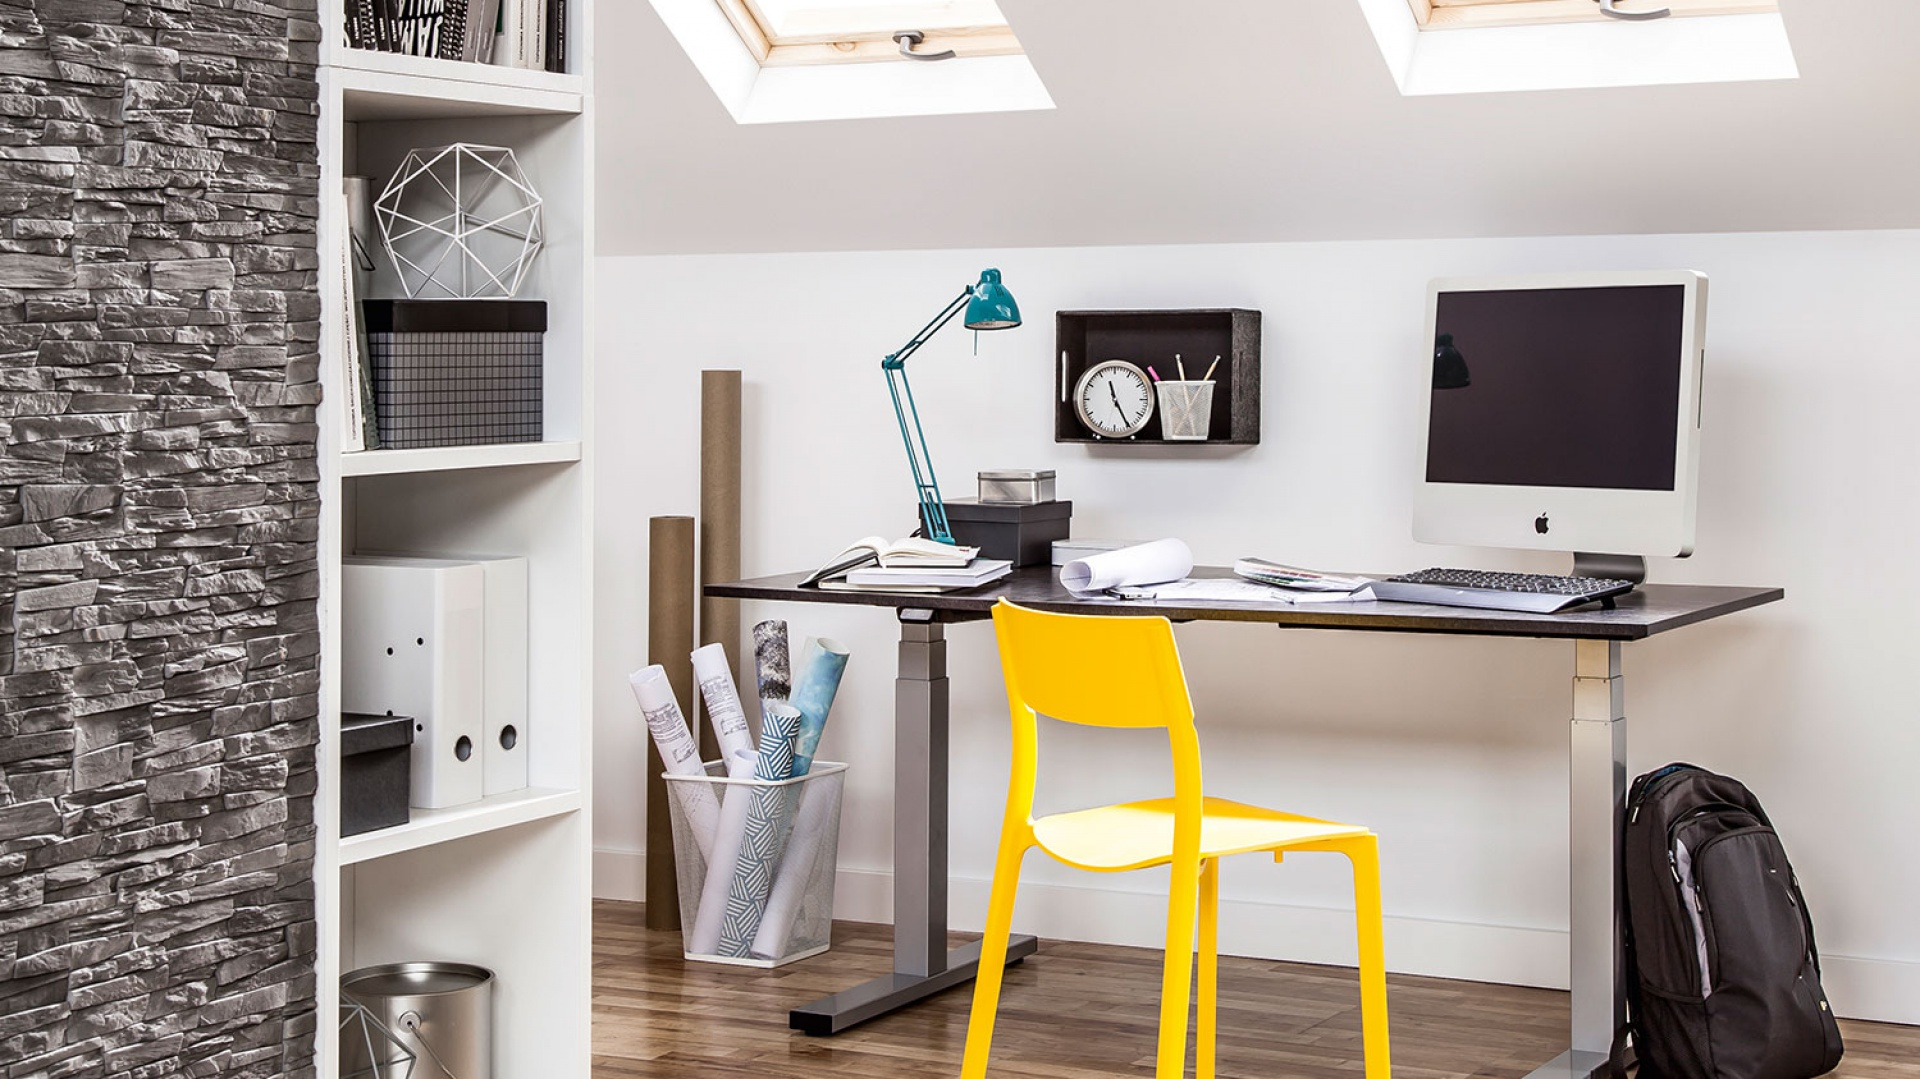 Domowe biuro nie musi zajmować wiele miejsca. Doskonale sprawdzi się proste biurko i klasyczne regały. Fot. Peka